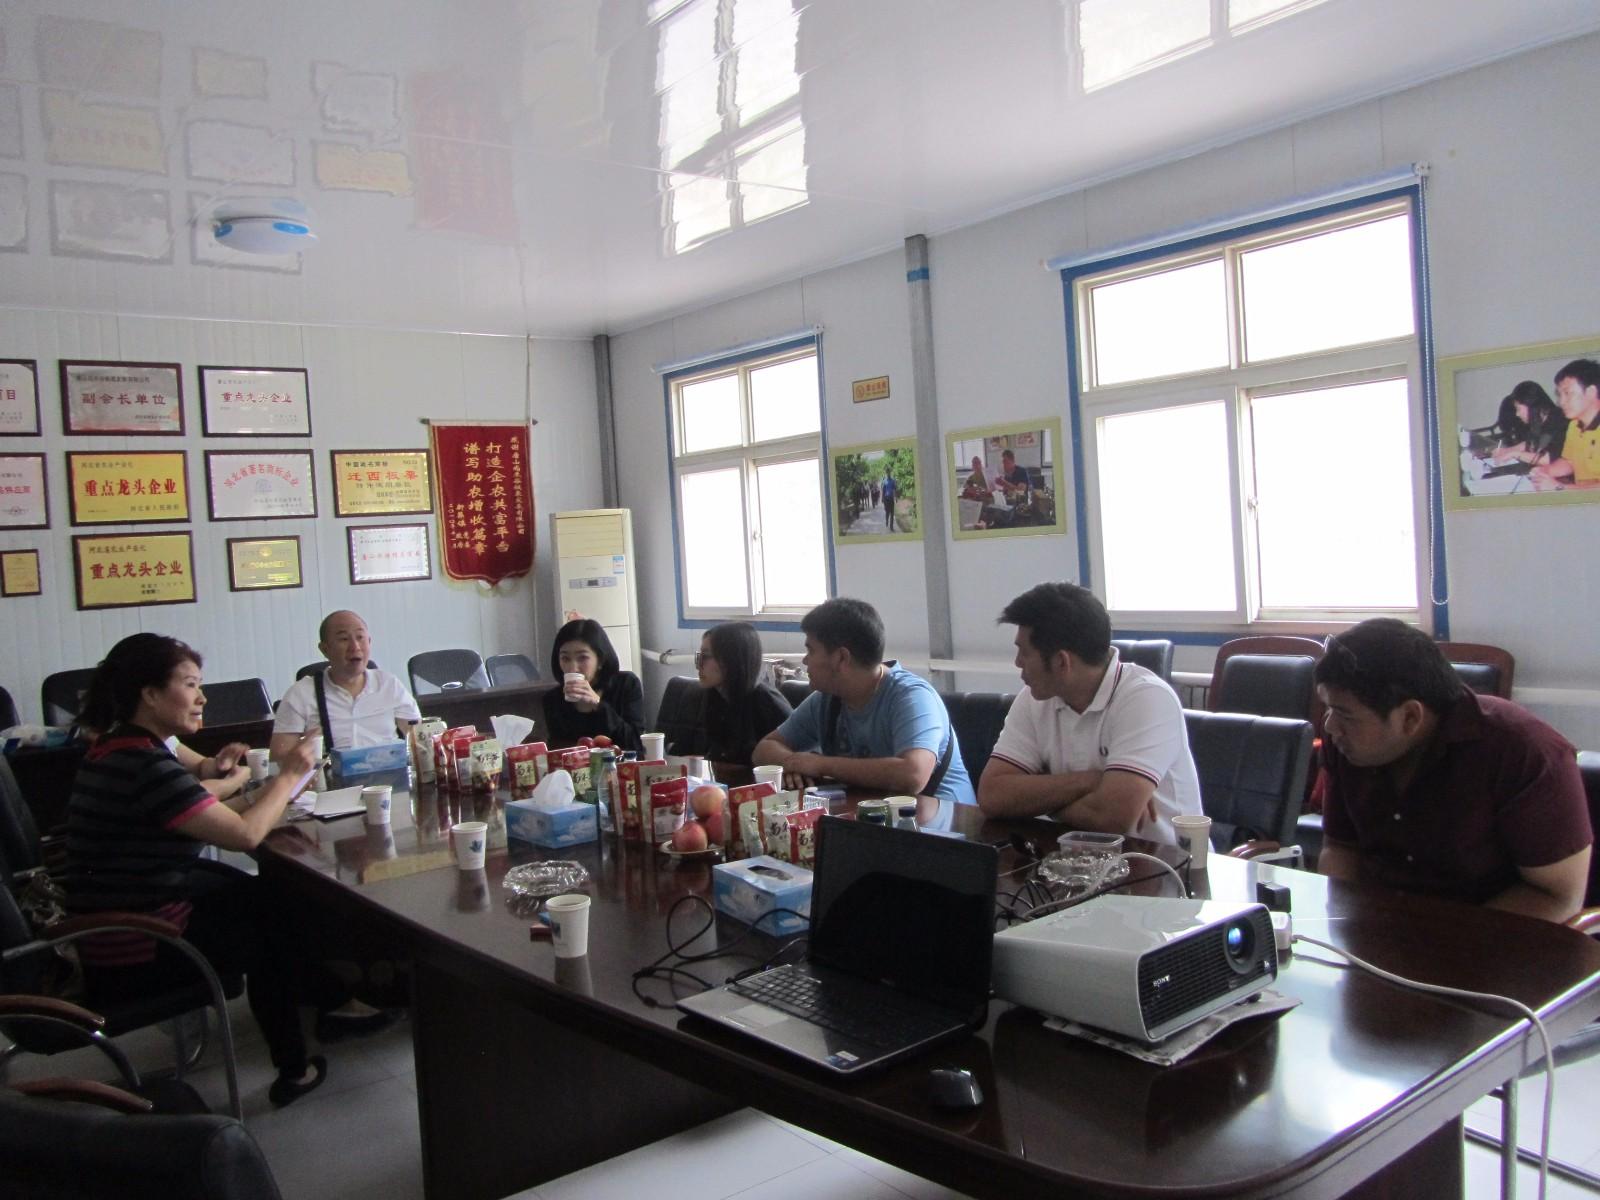 泰國客商到唐山尚禾谷板栗發展有限公司 考察洽談合作事宜|新聞資訊-唐山尚禾谷板栗發展有限公司